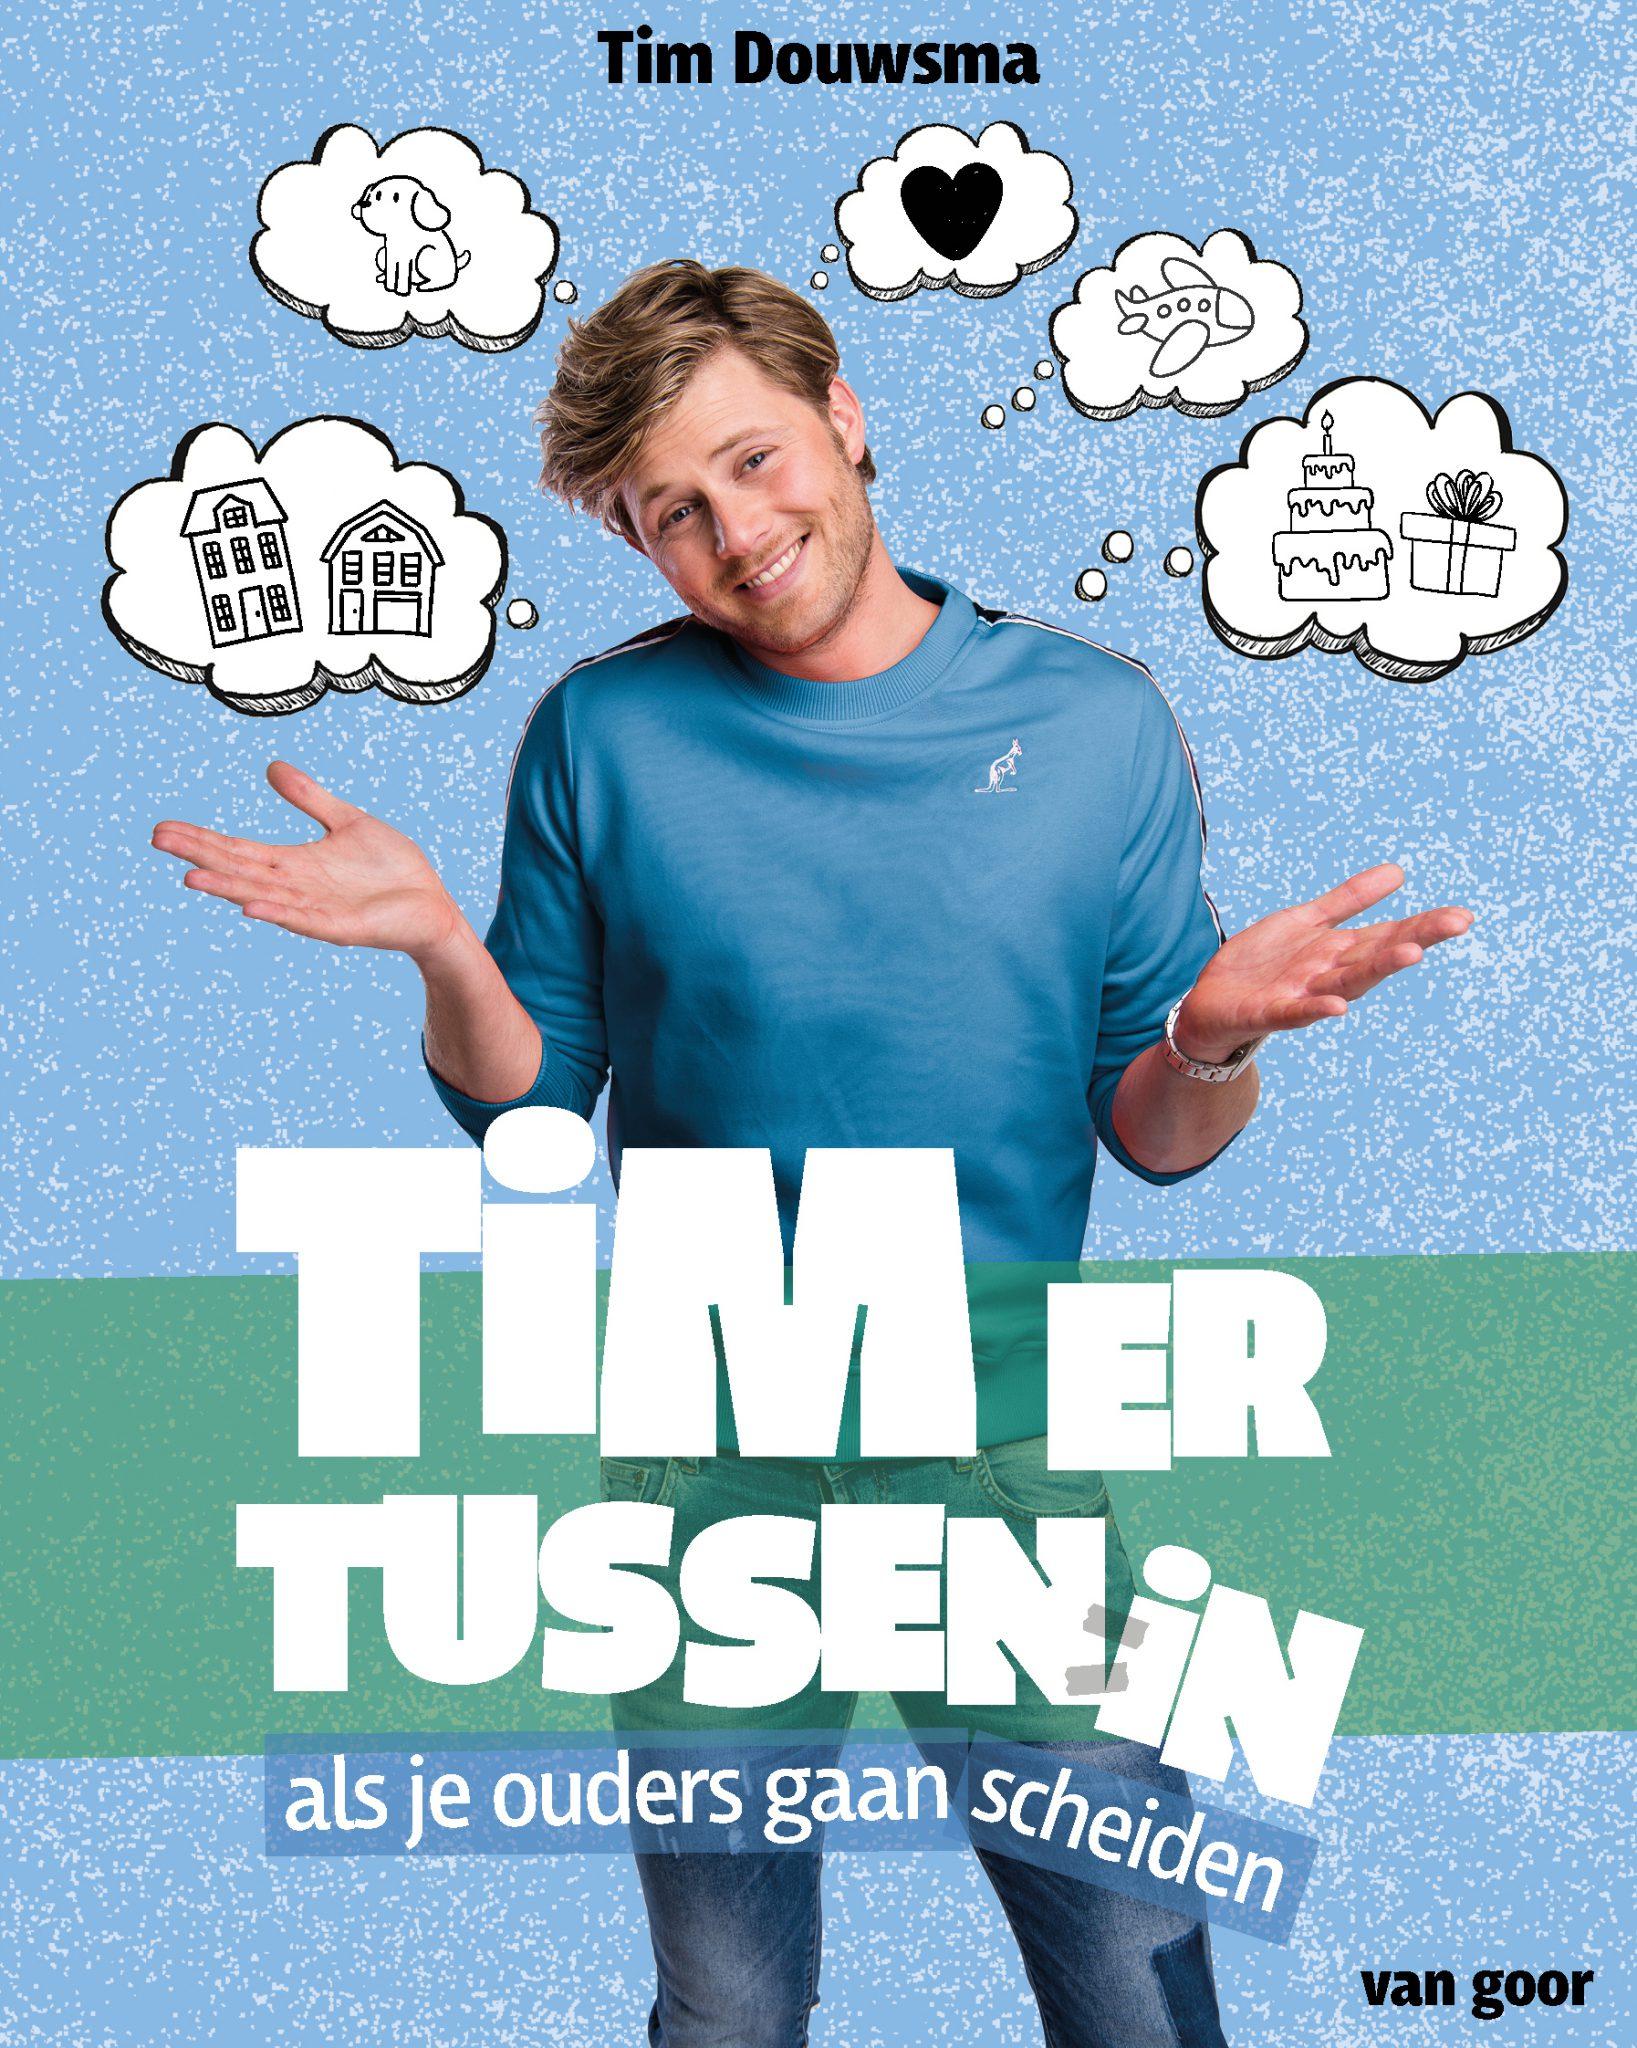 Tim Douwsma scheiding van zijn ouders